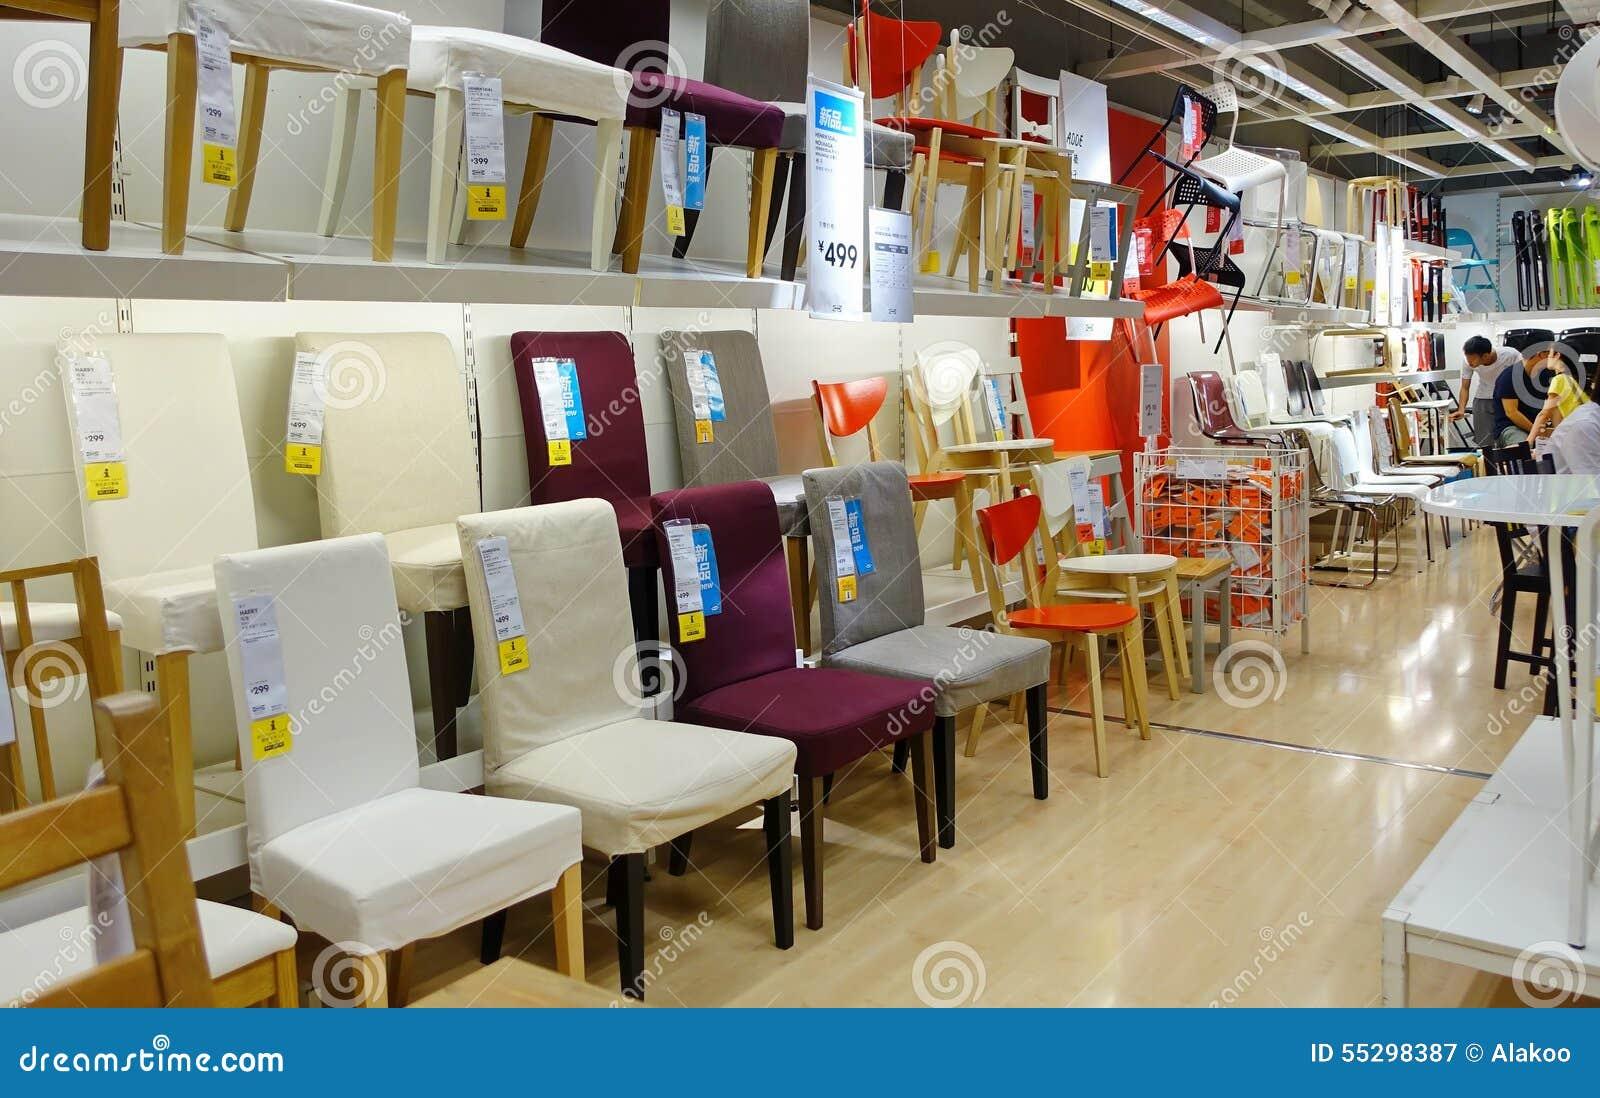 Sillas en tienda de muebles fotograf a editorial imagen - Mundo joven muebles catalogo ...